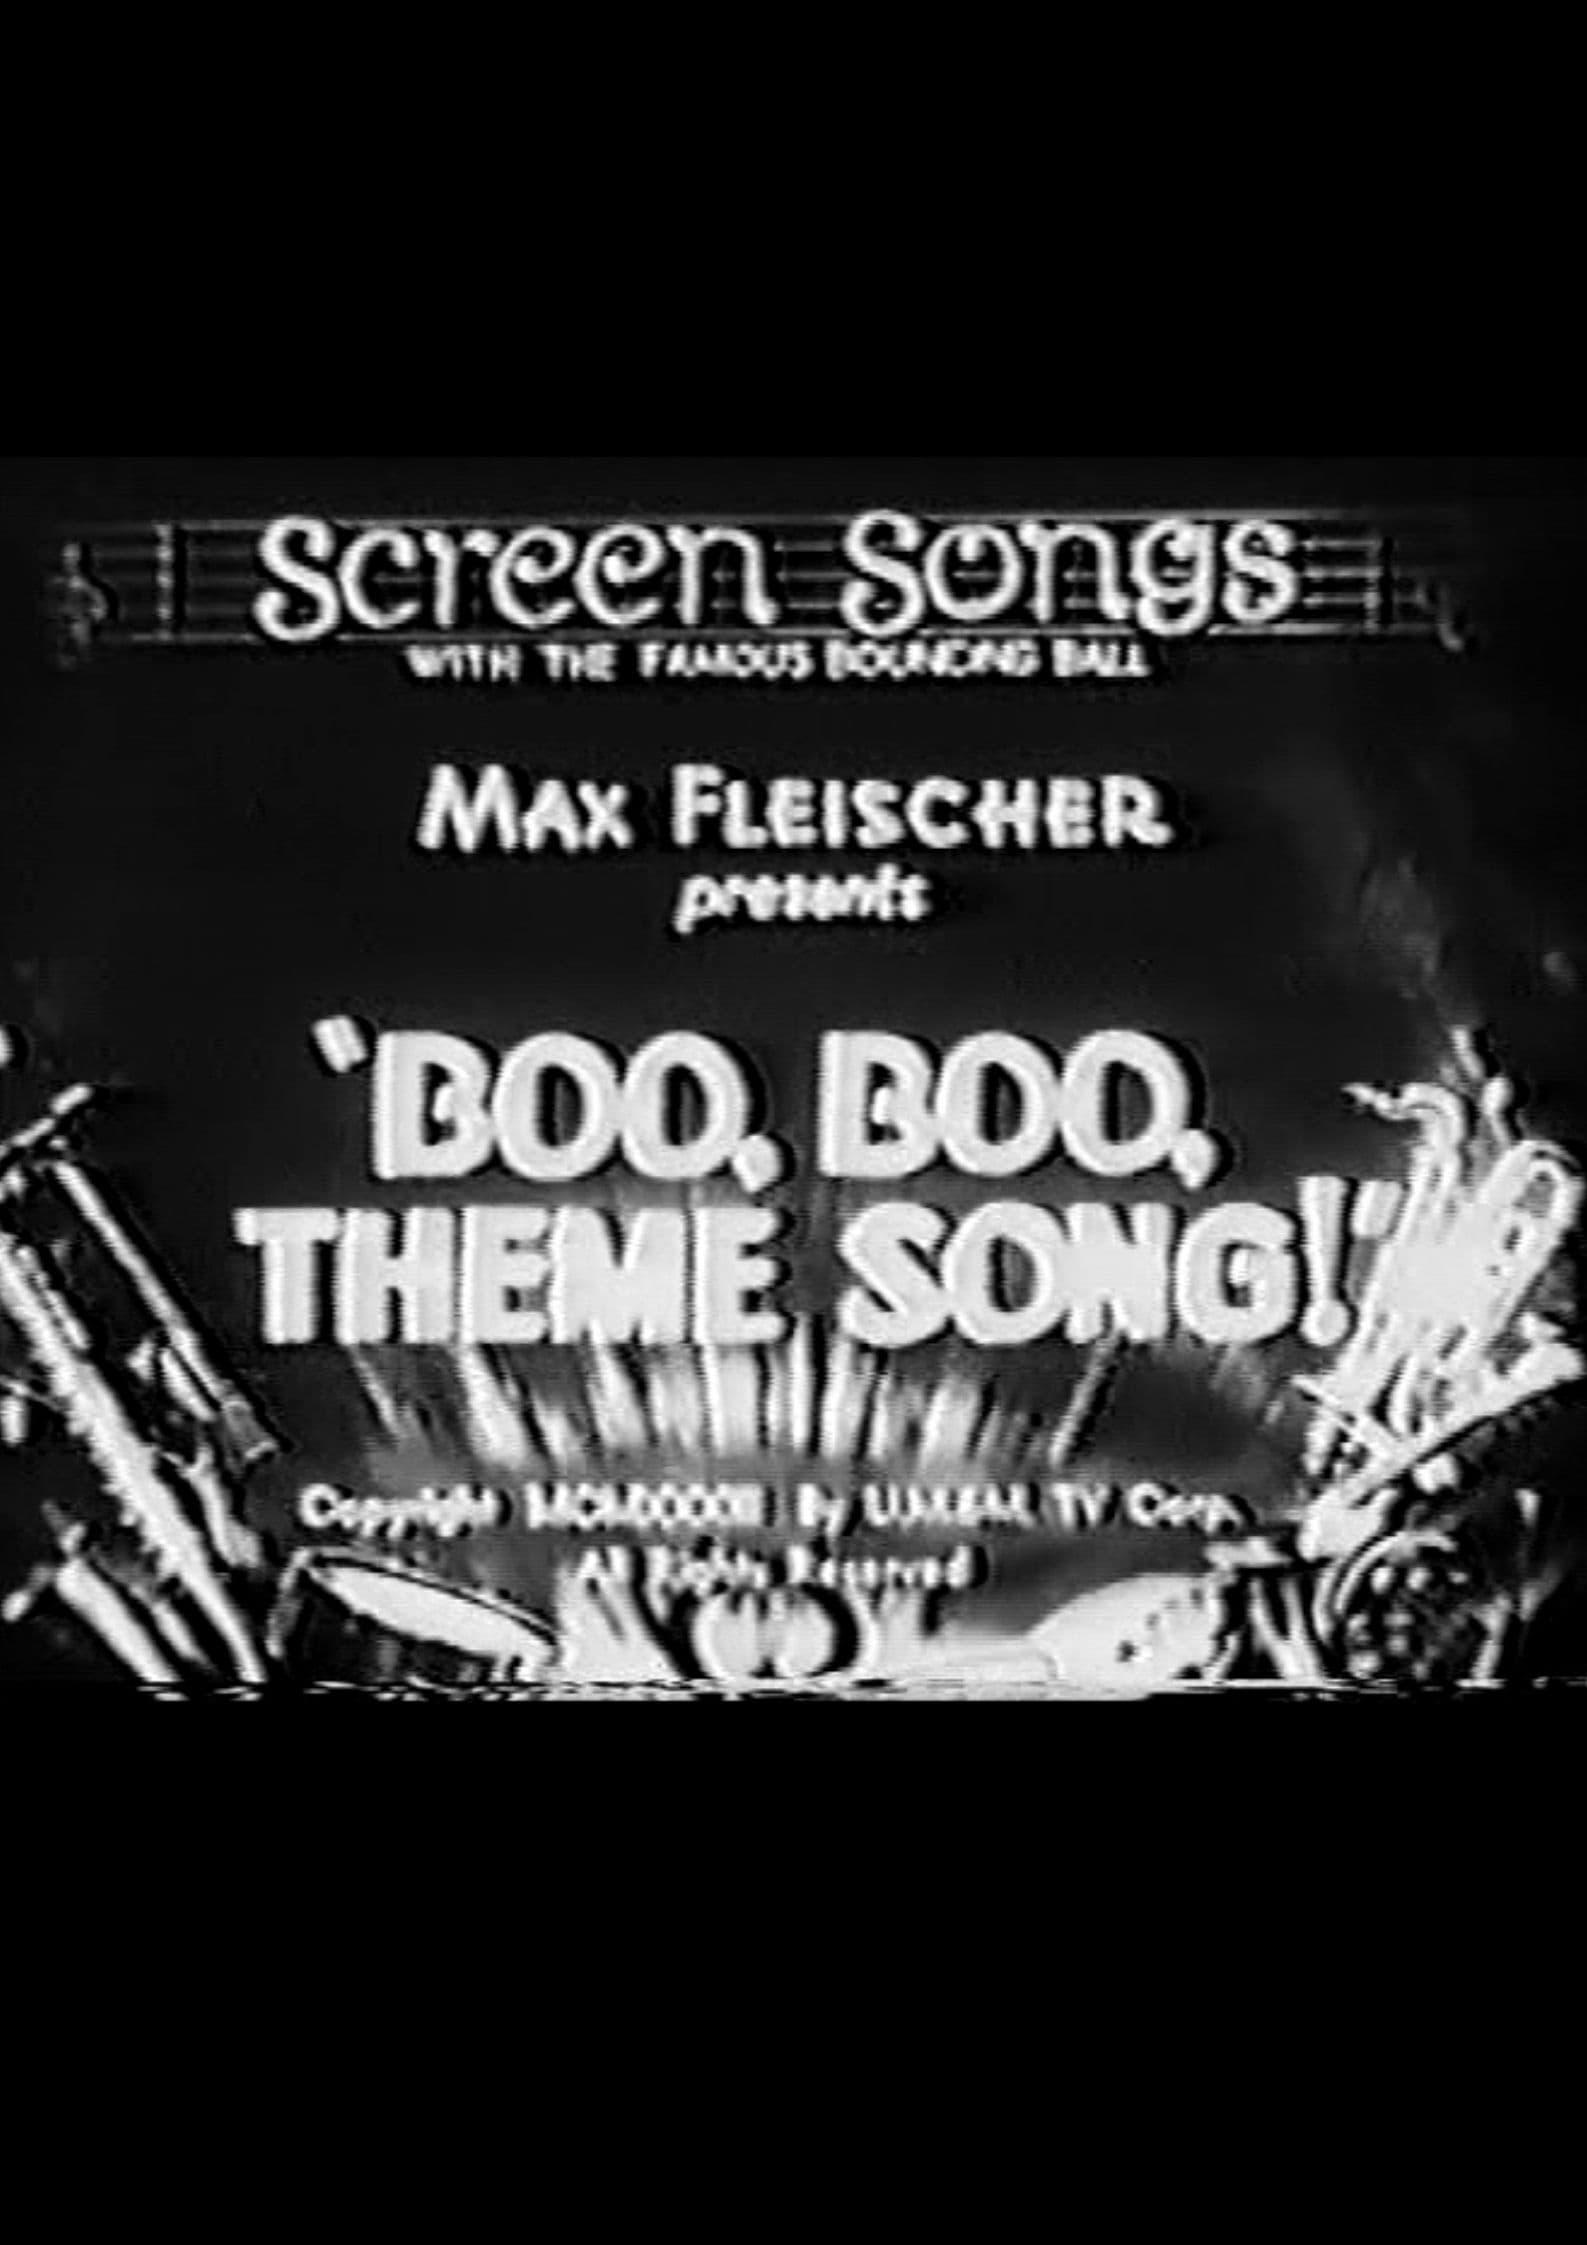 Boo, Boo, Theme Song!